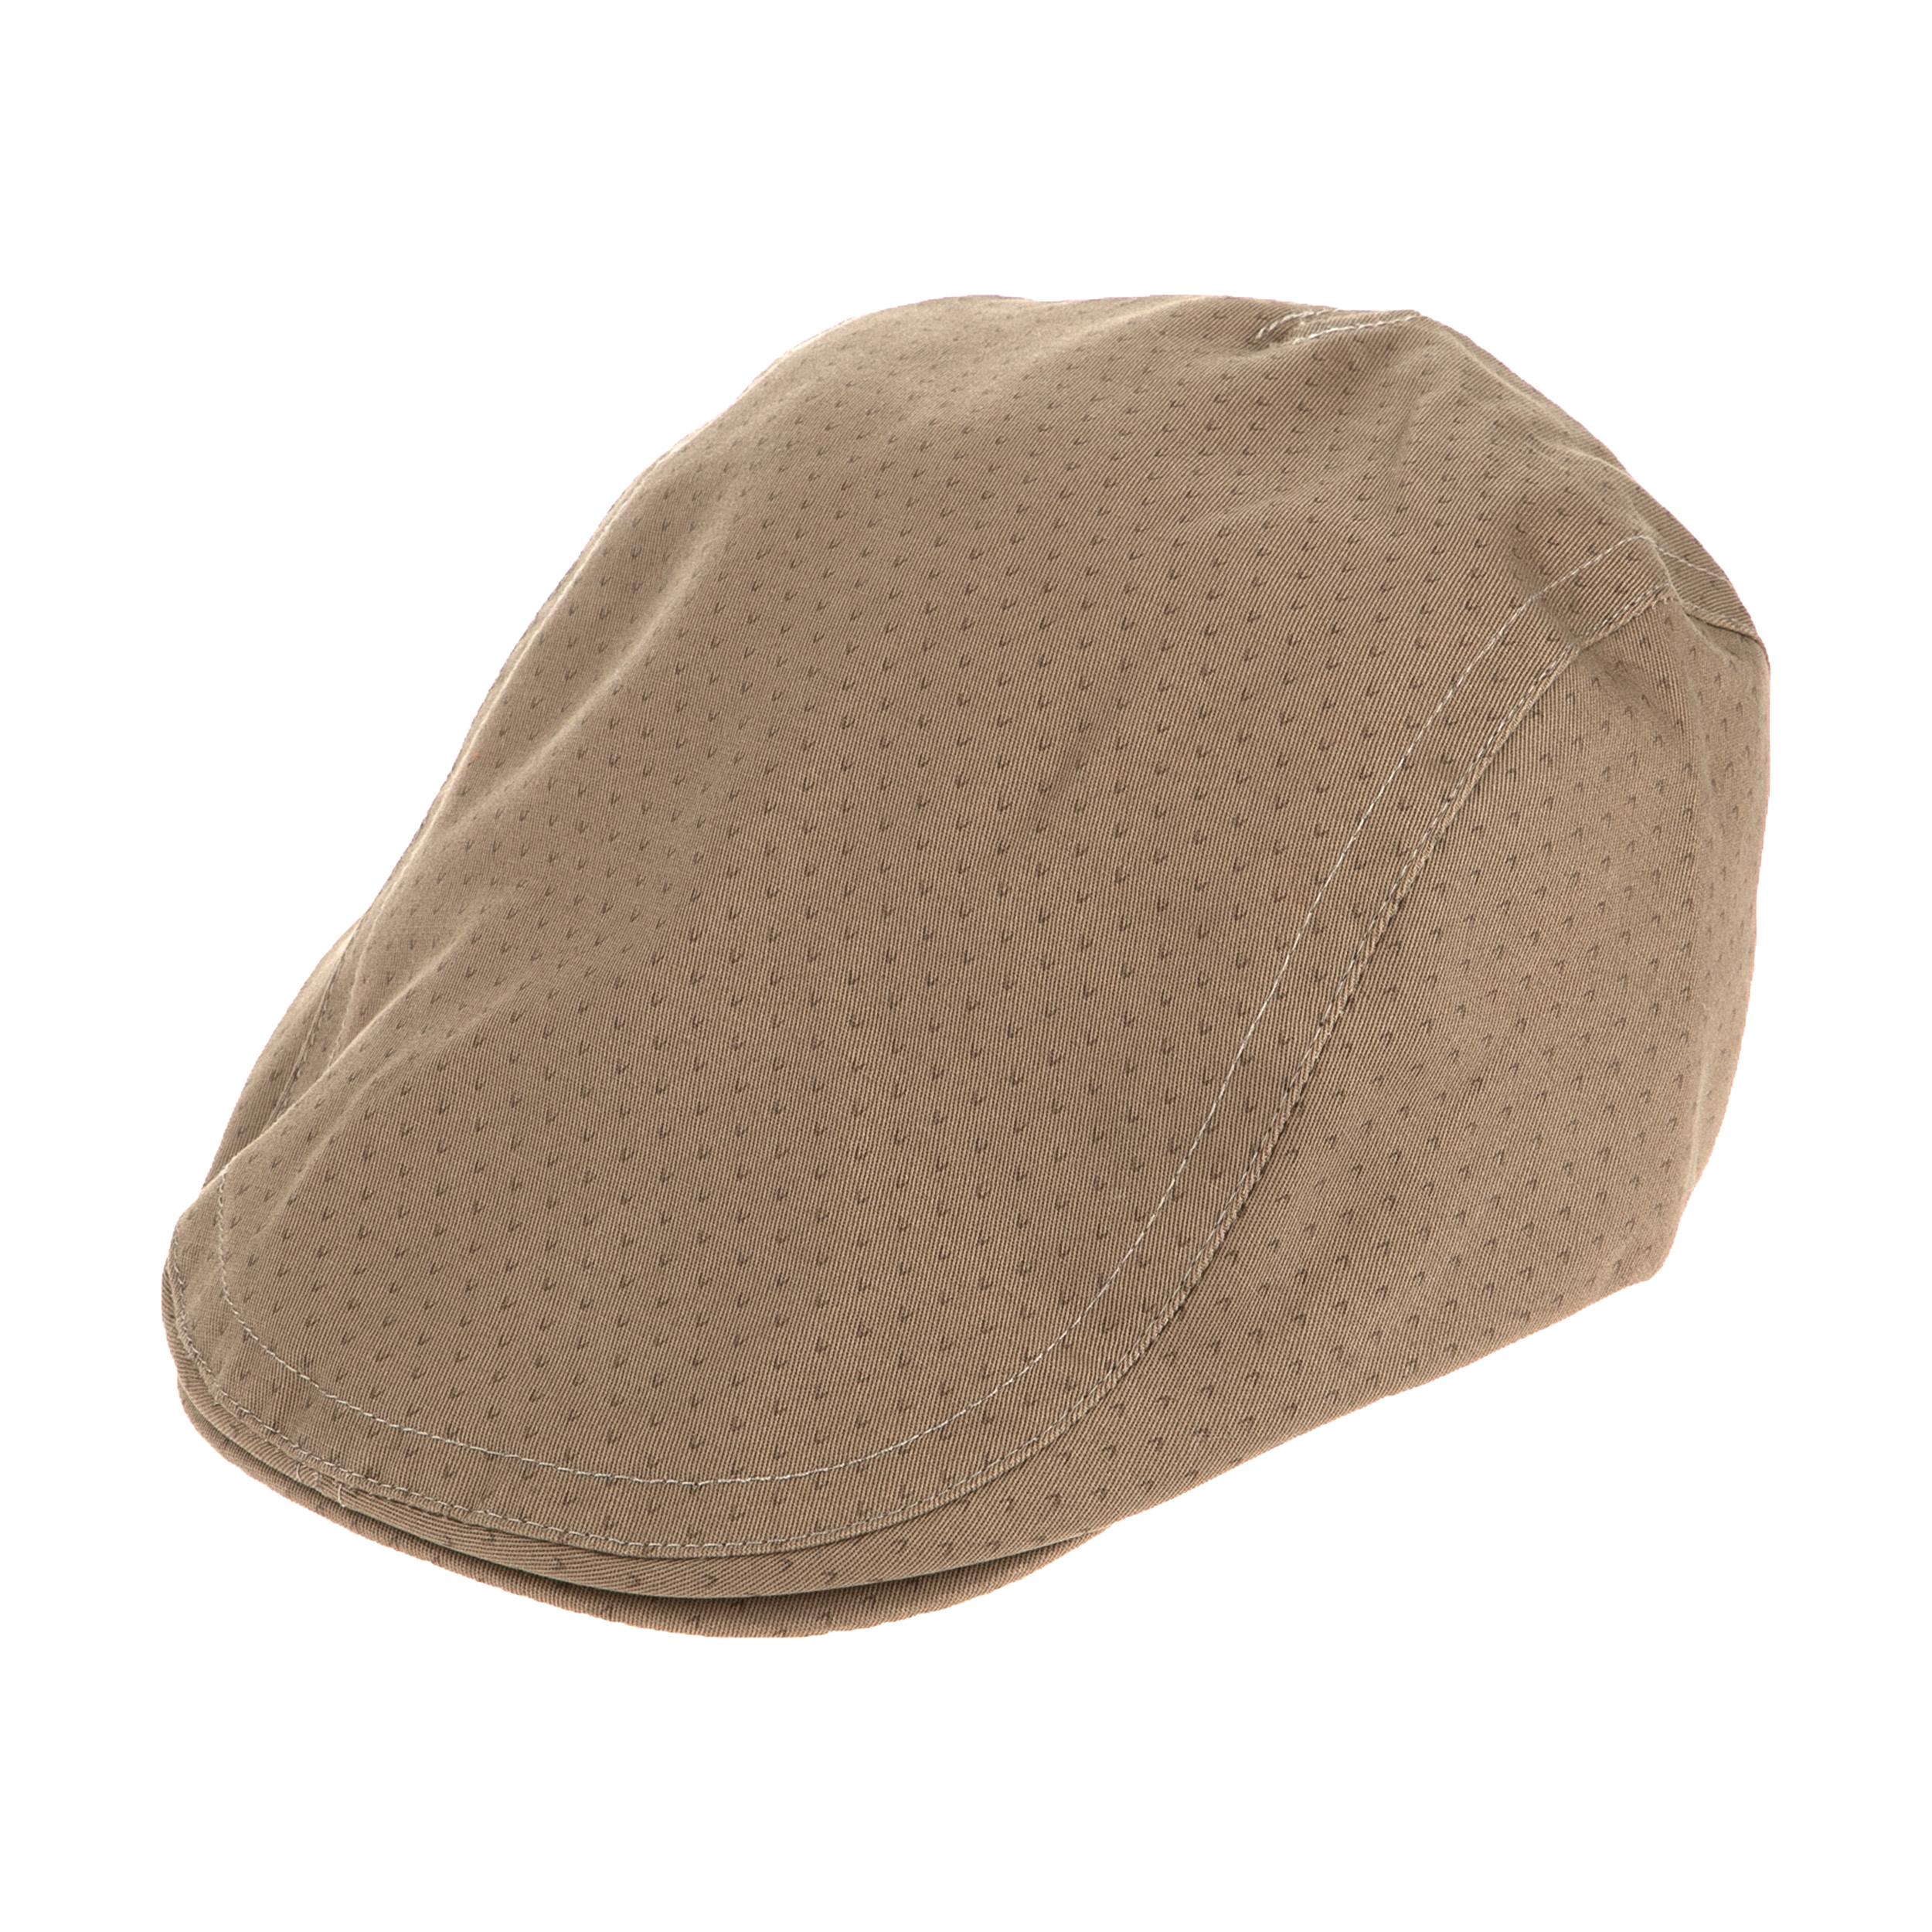 کلاه مردانه باراتا کد btt 24-3